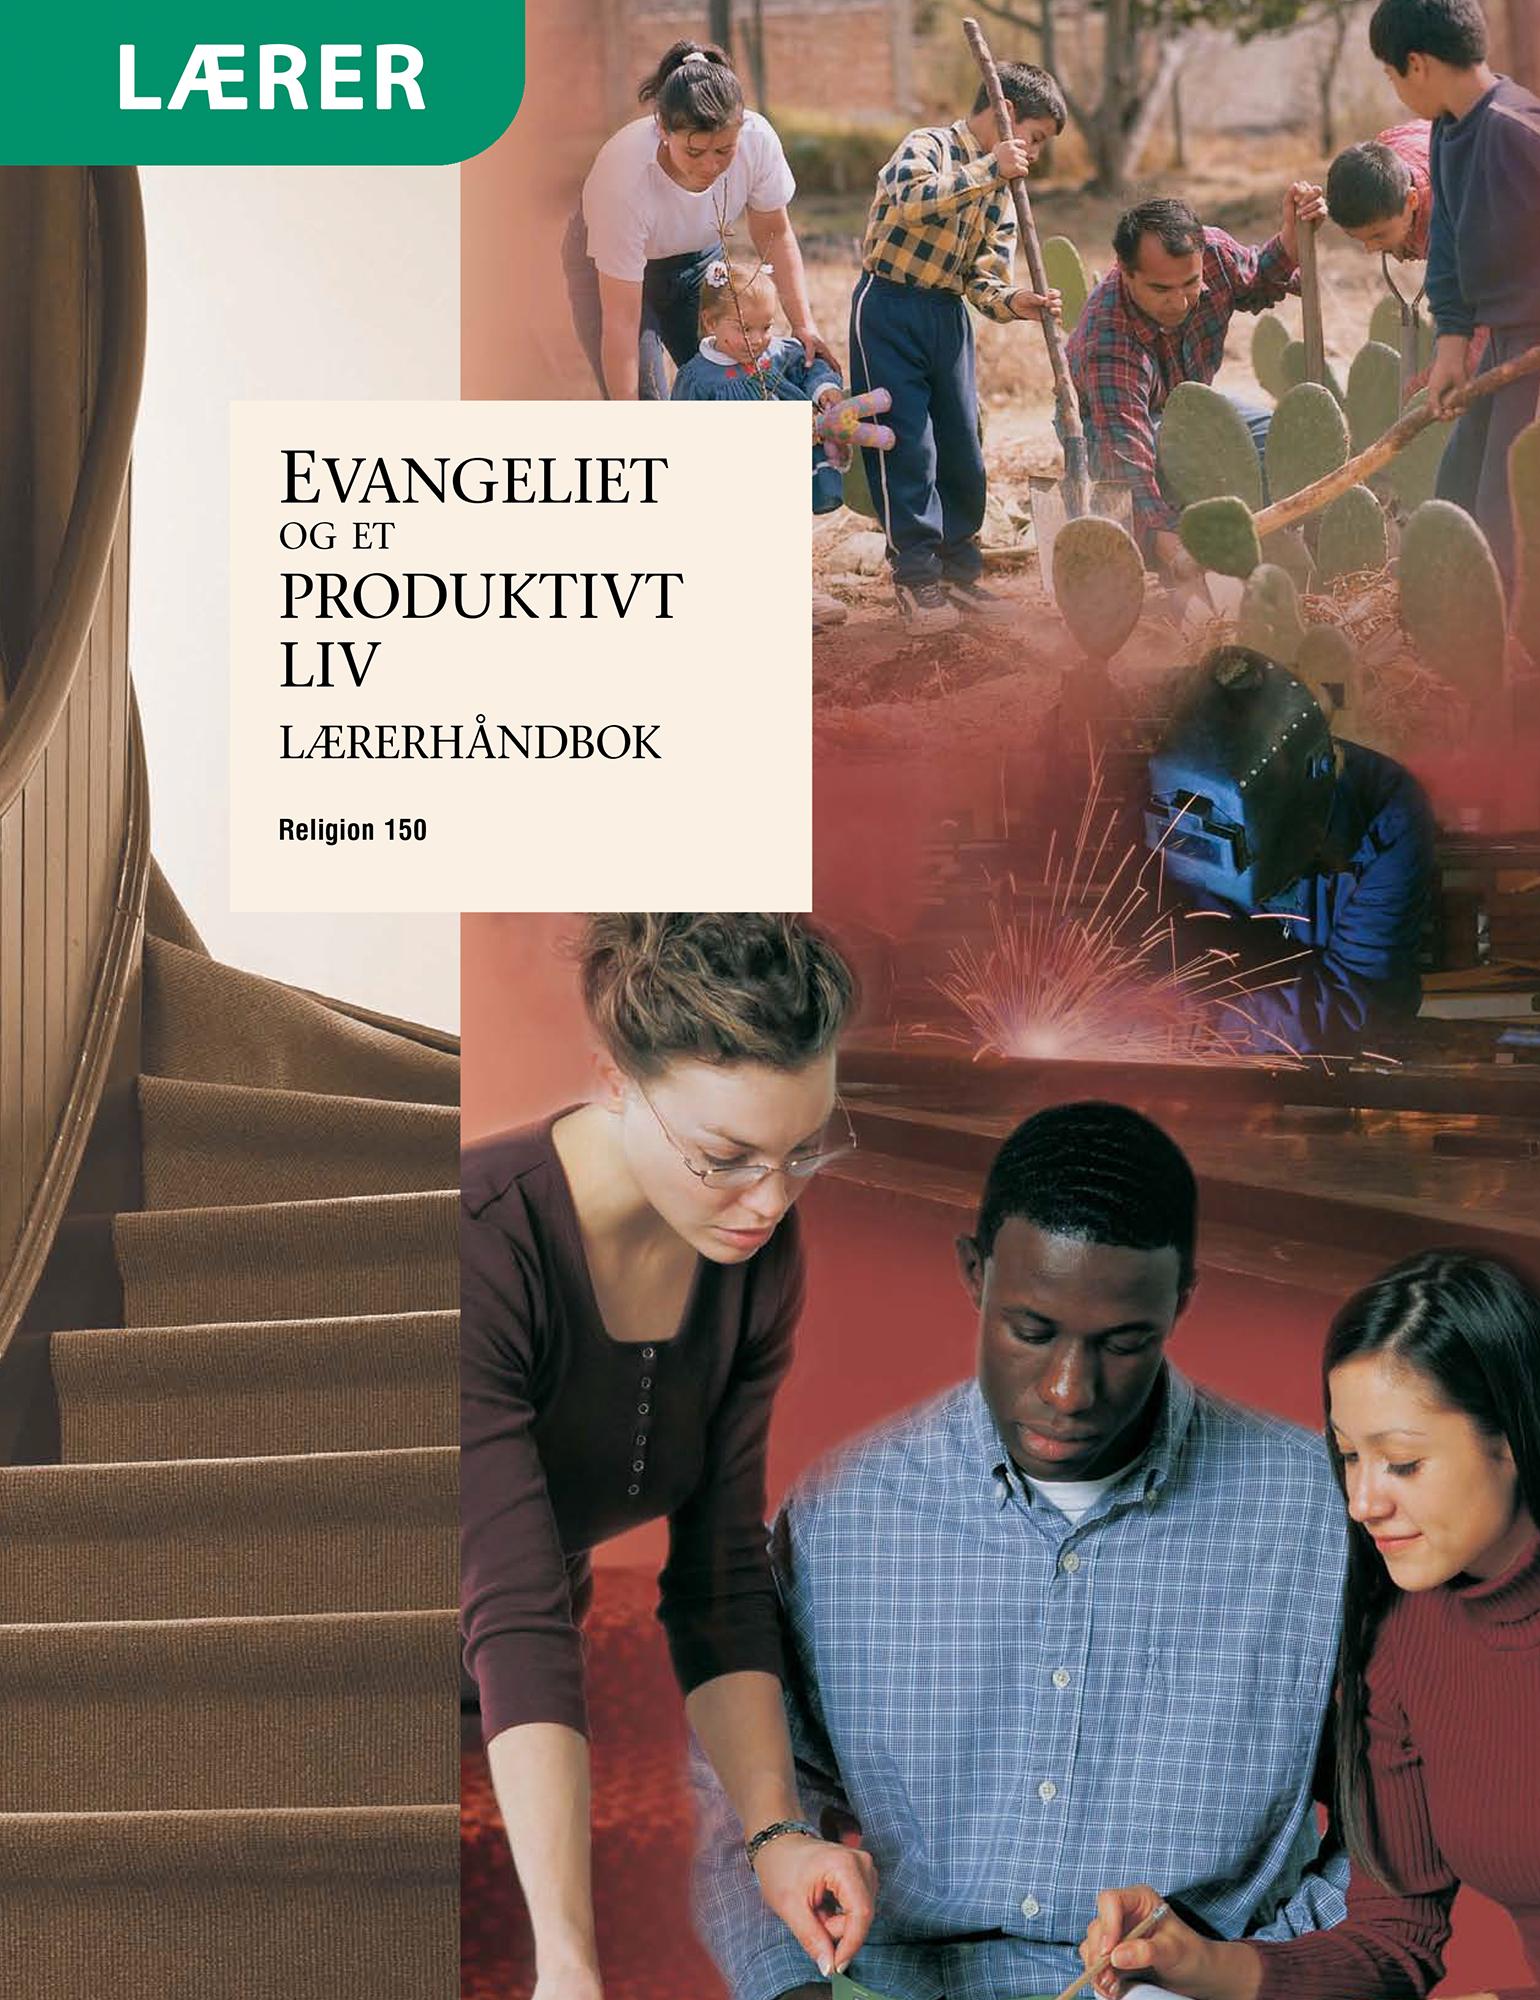 Evangeliet og et produktivt liv – Lærerhåndbok (Religion 150)